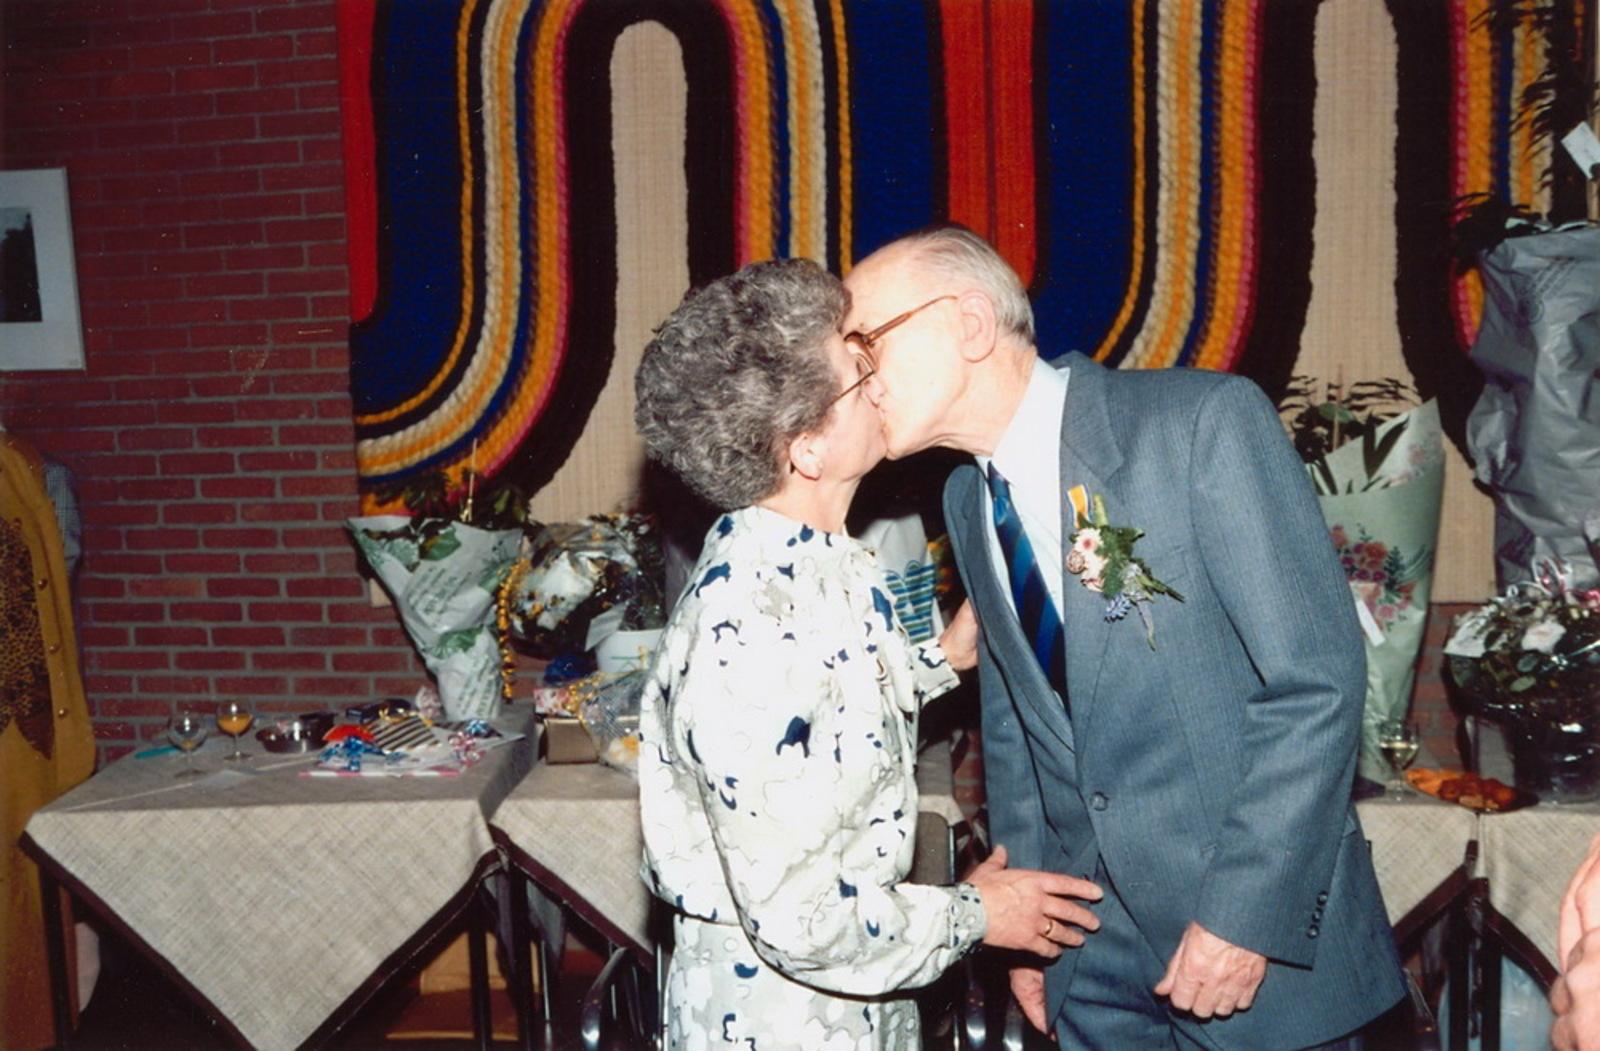 Marktlaan O 0022 1988 Sigarenboer Kraak 50jr Jub en Sluiting 81